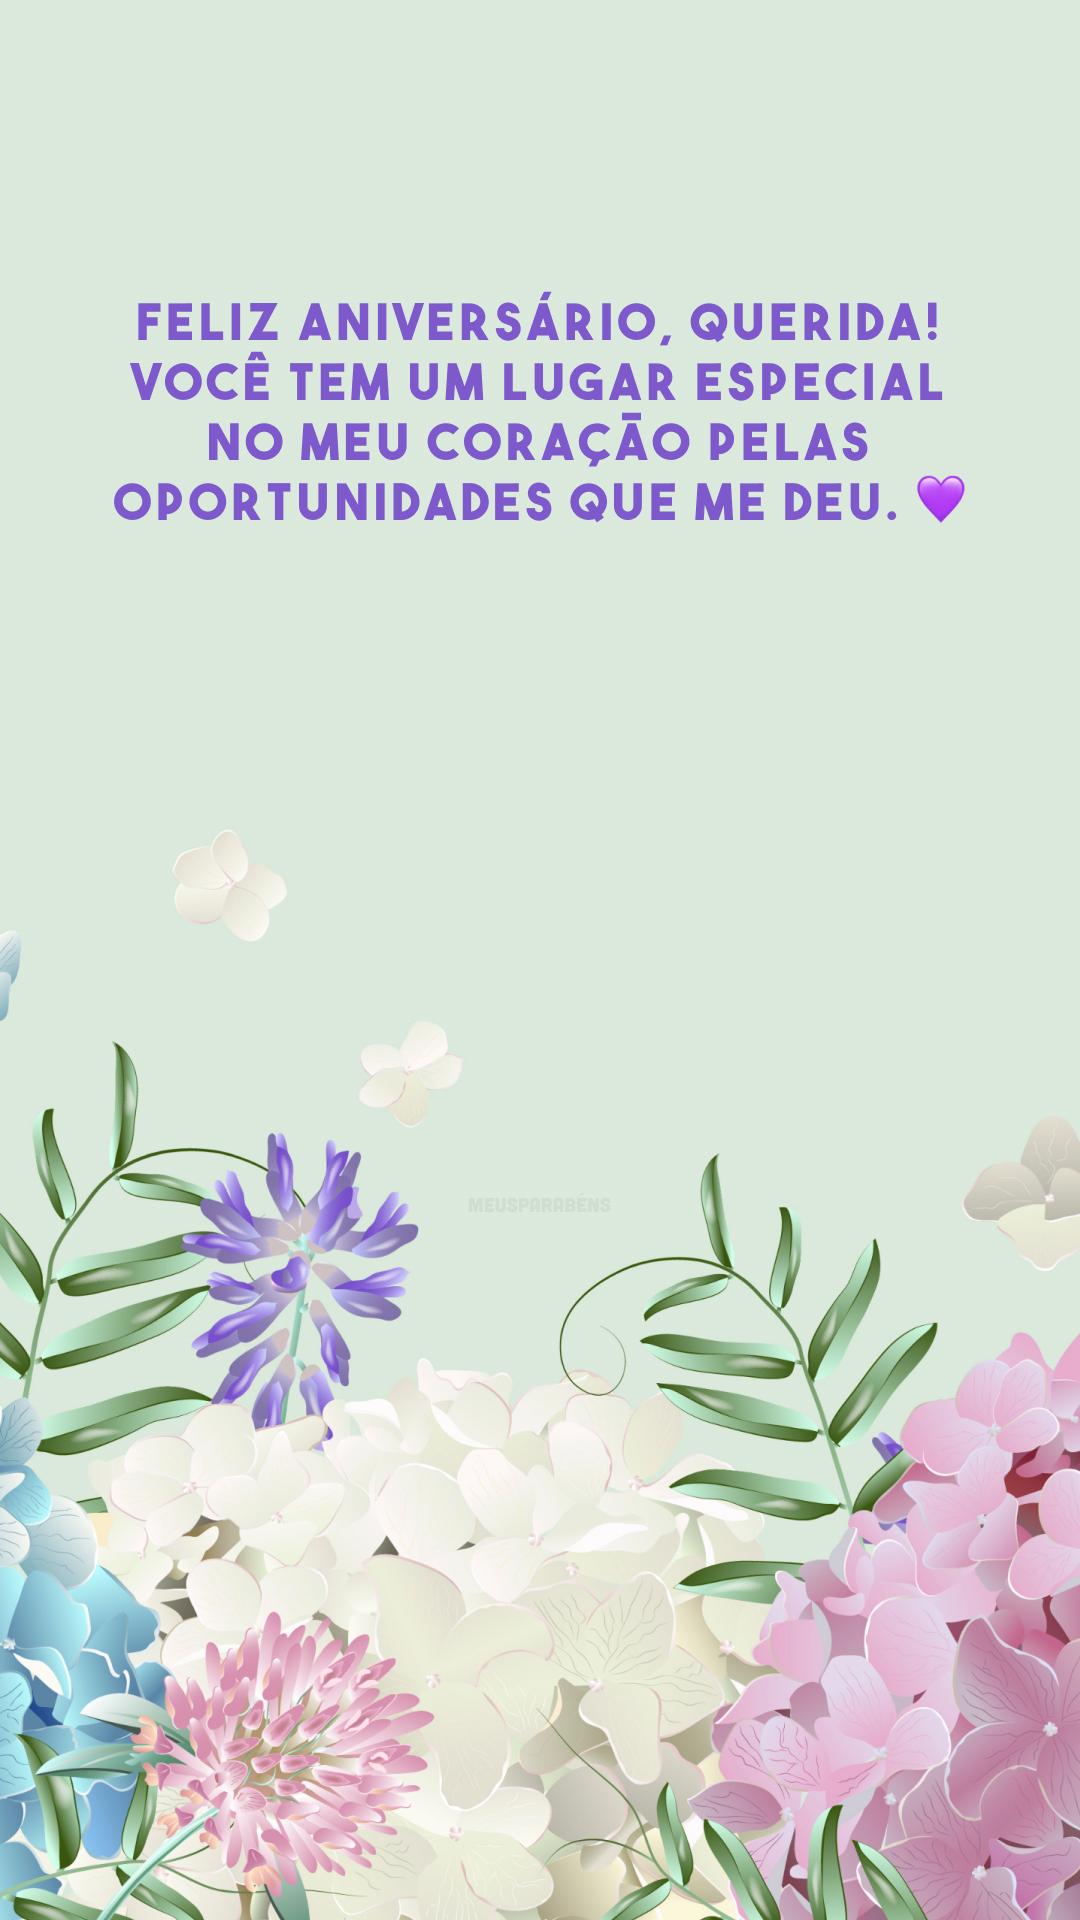 Feliz aniversário, querida! Você tem um lugar especial no meu coração pelas oportunidades que me deu. 💜